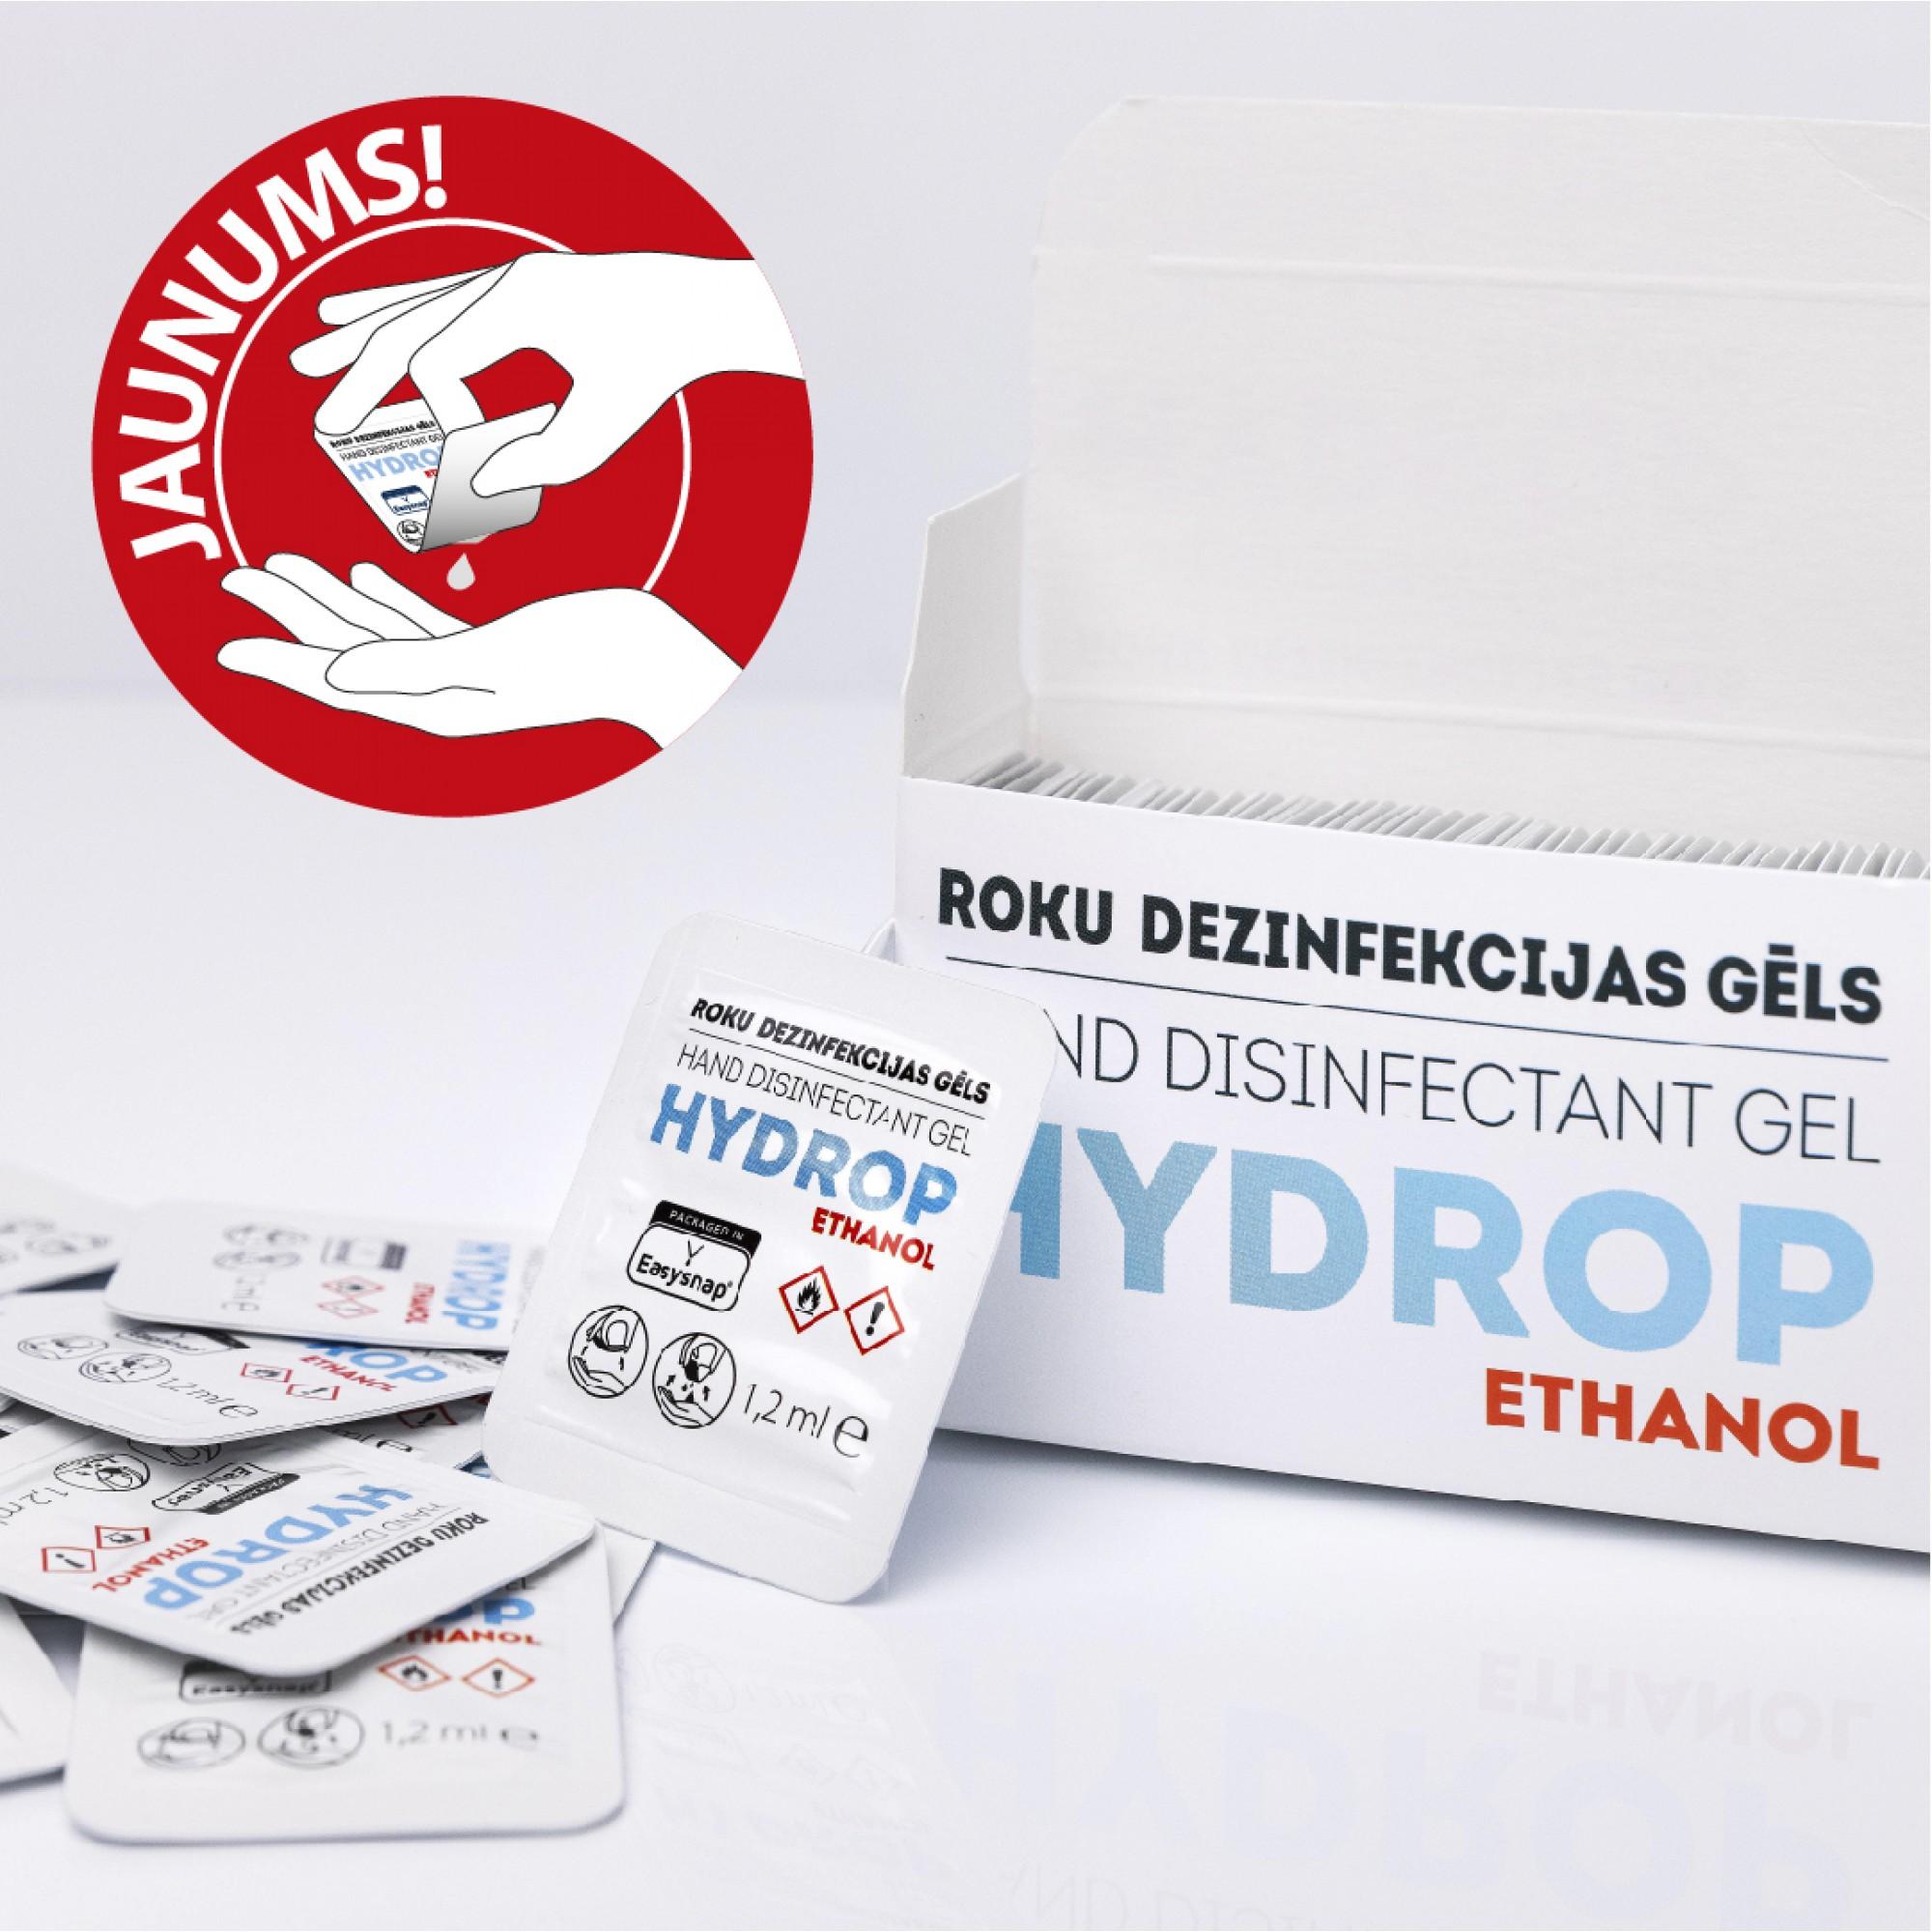 Roku dezinfekcijas gēls HYDROP (30 devas)